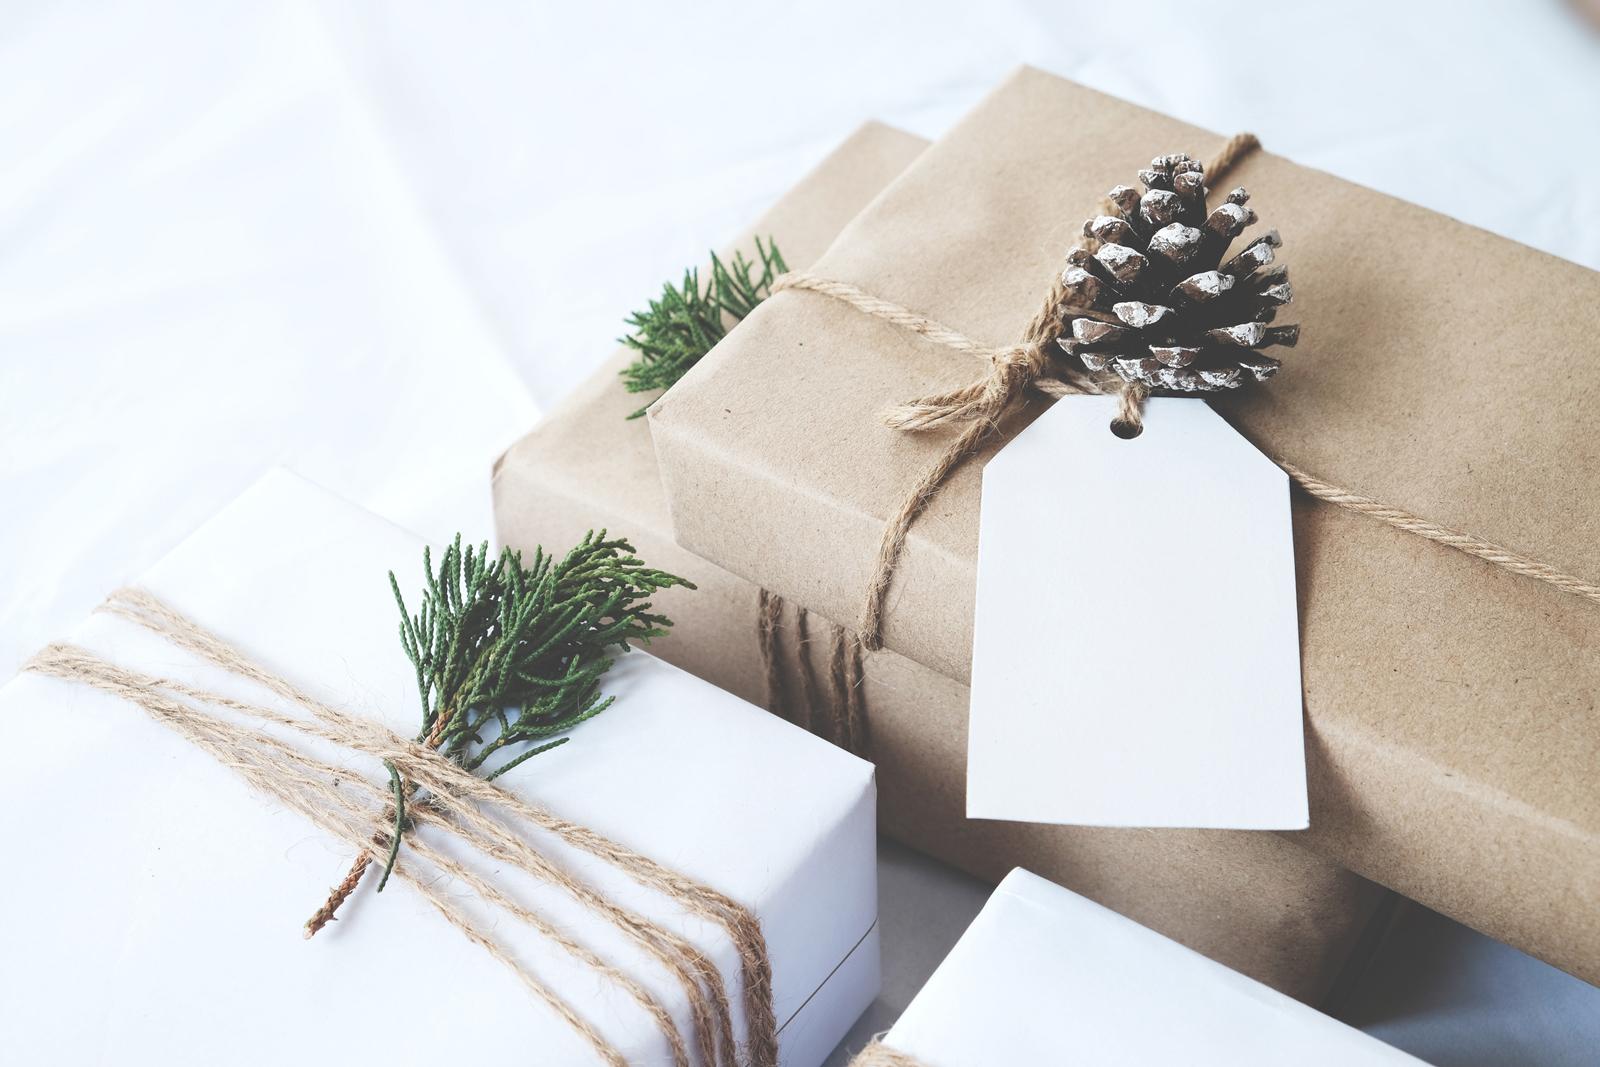 Natürlich schöne Geschenke brauchen kein Plastikband und Glitzerpapier.